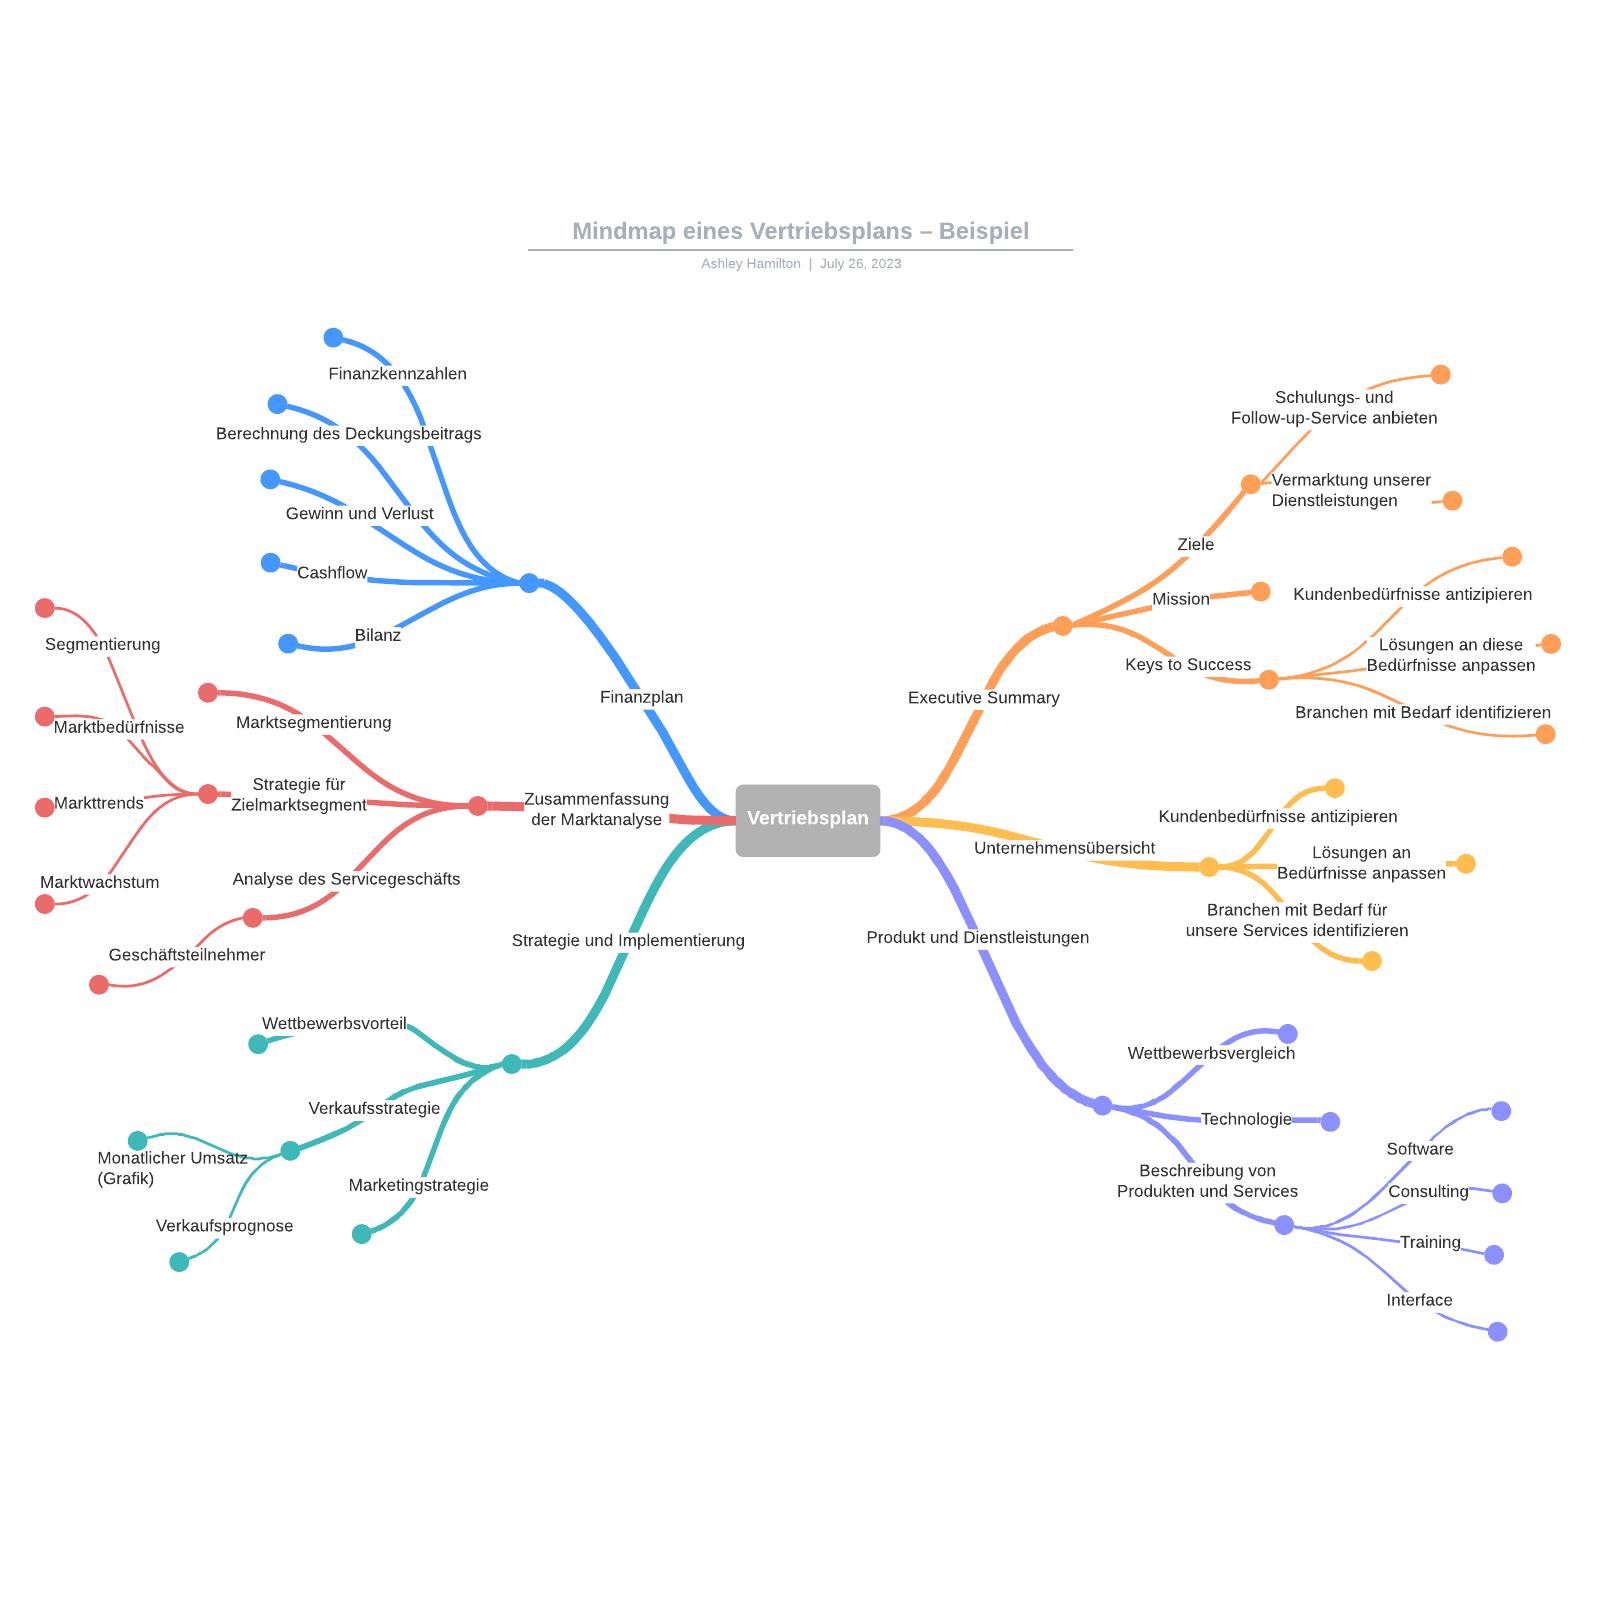 Mindmap-Beispiel (Vertriebsplan)